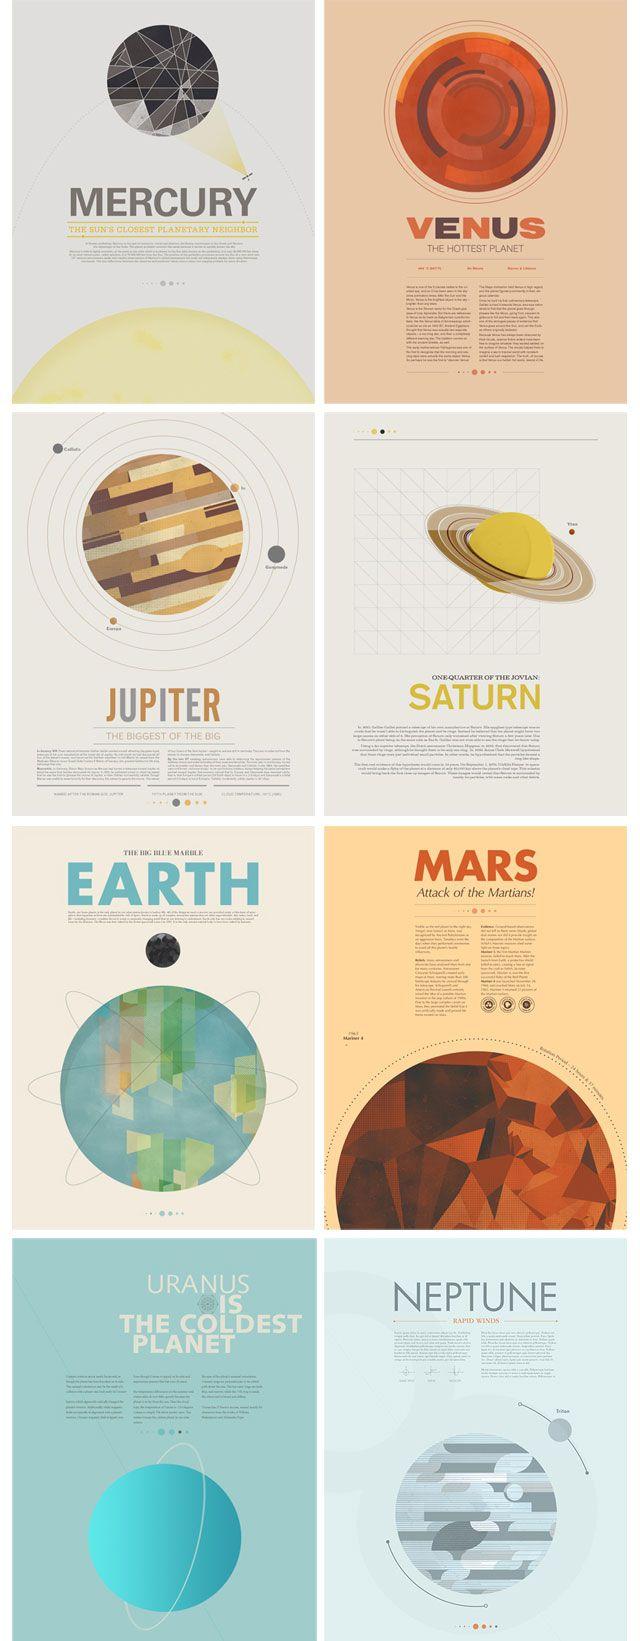 3 poster design tips - Download